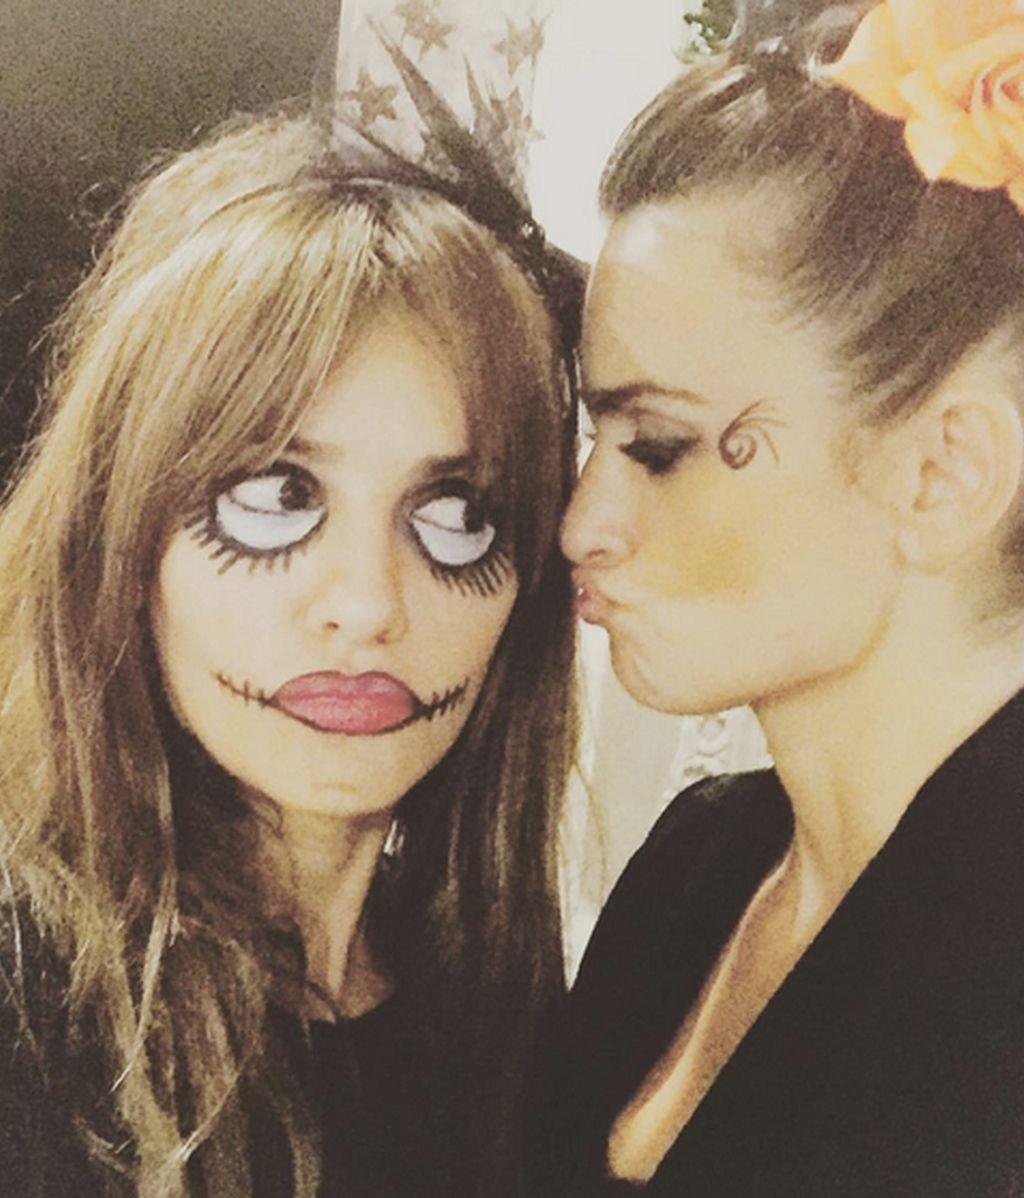 Mónica y Penélope Cruz, aún más miedo si están juntas